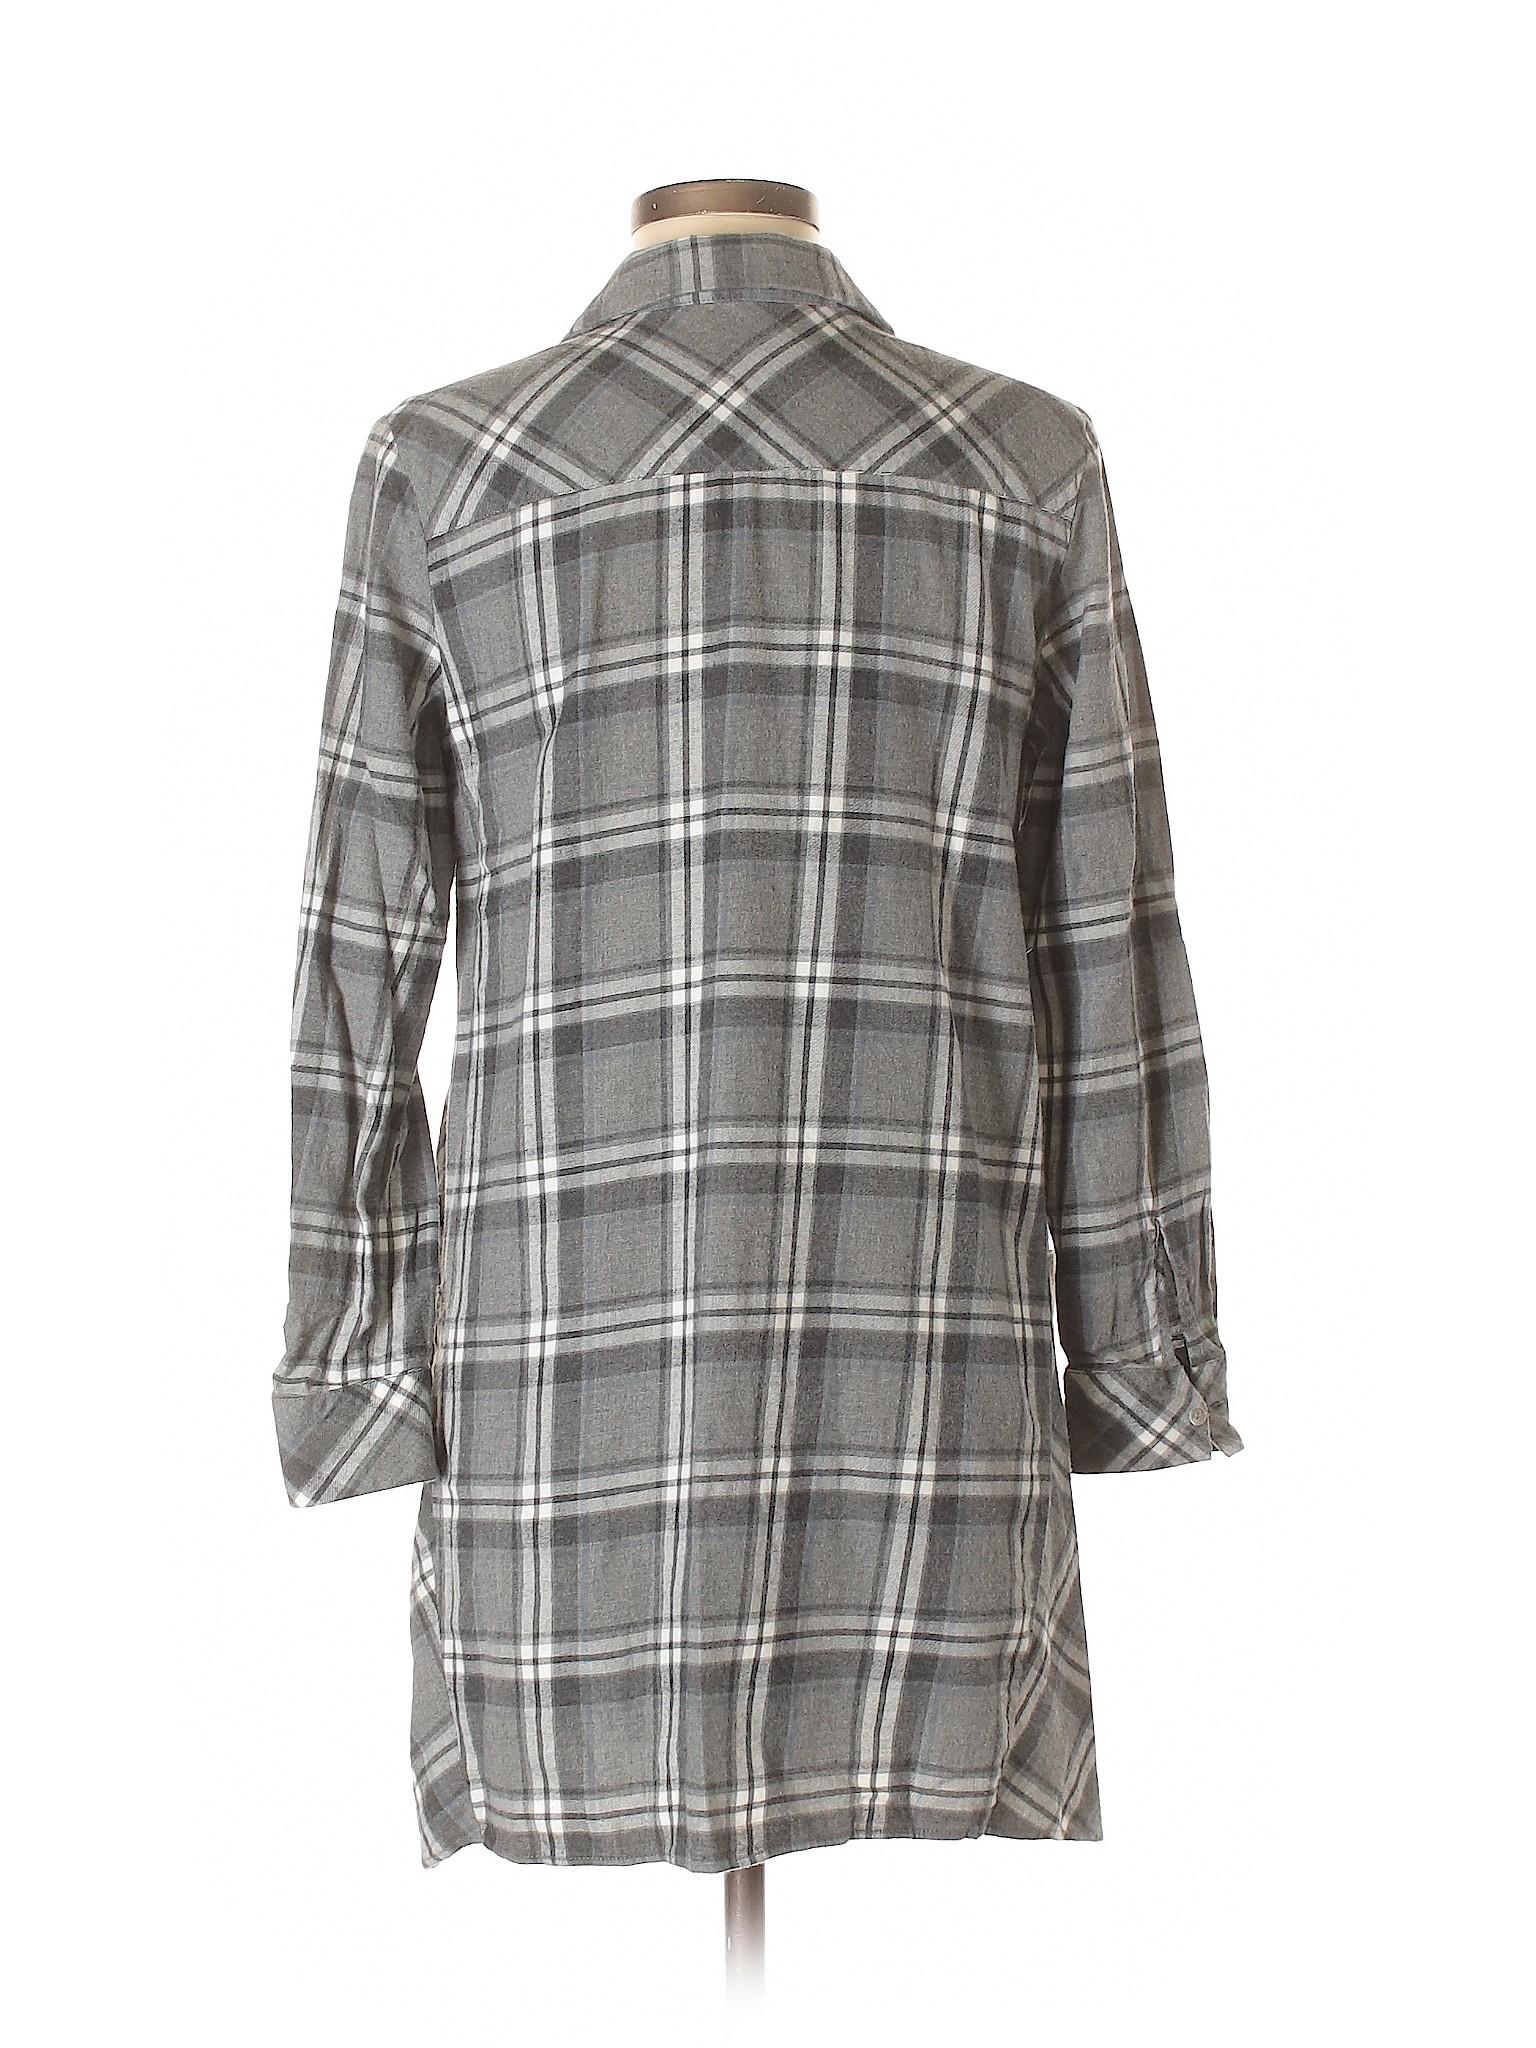 Zara Dress Boutique Casual Basic Winter qxFP1wW06z